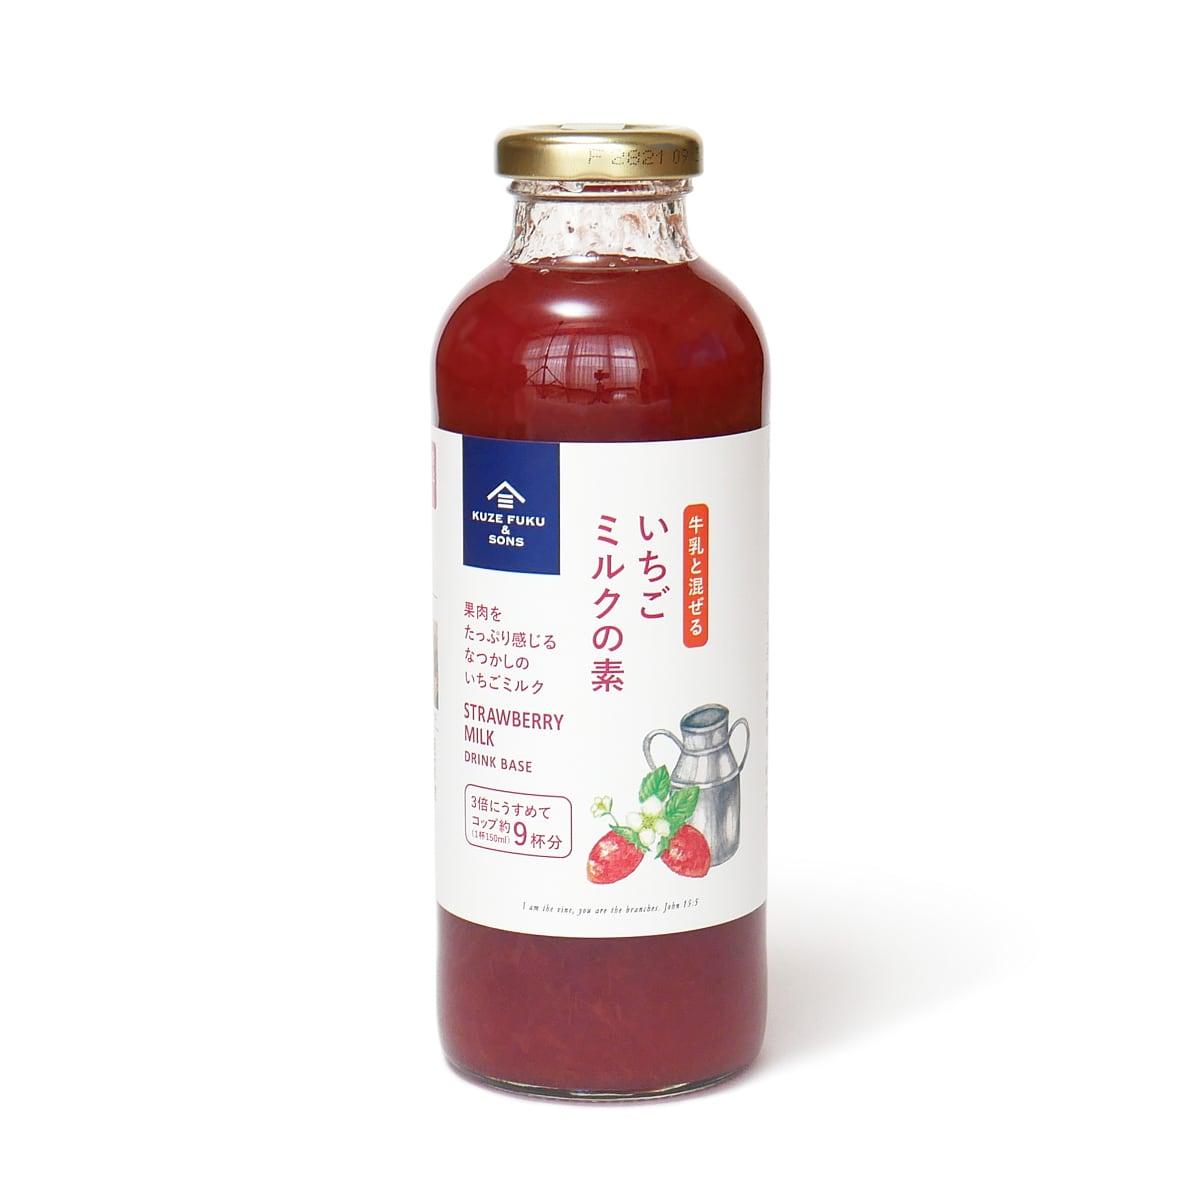 KUZEFUKU&SONS 牛乳と混ぜるいちごミルクの素